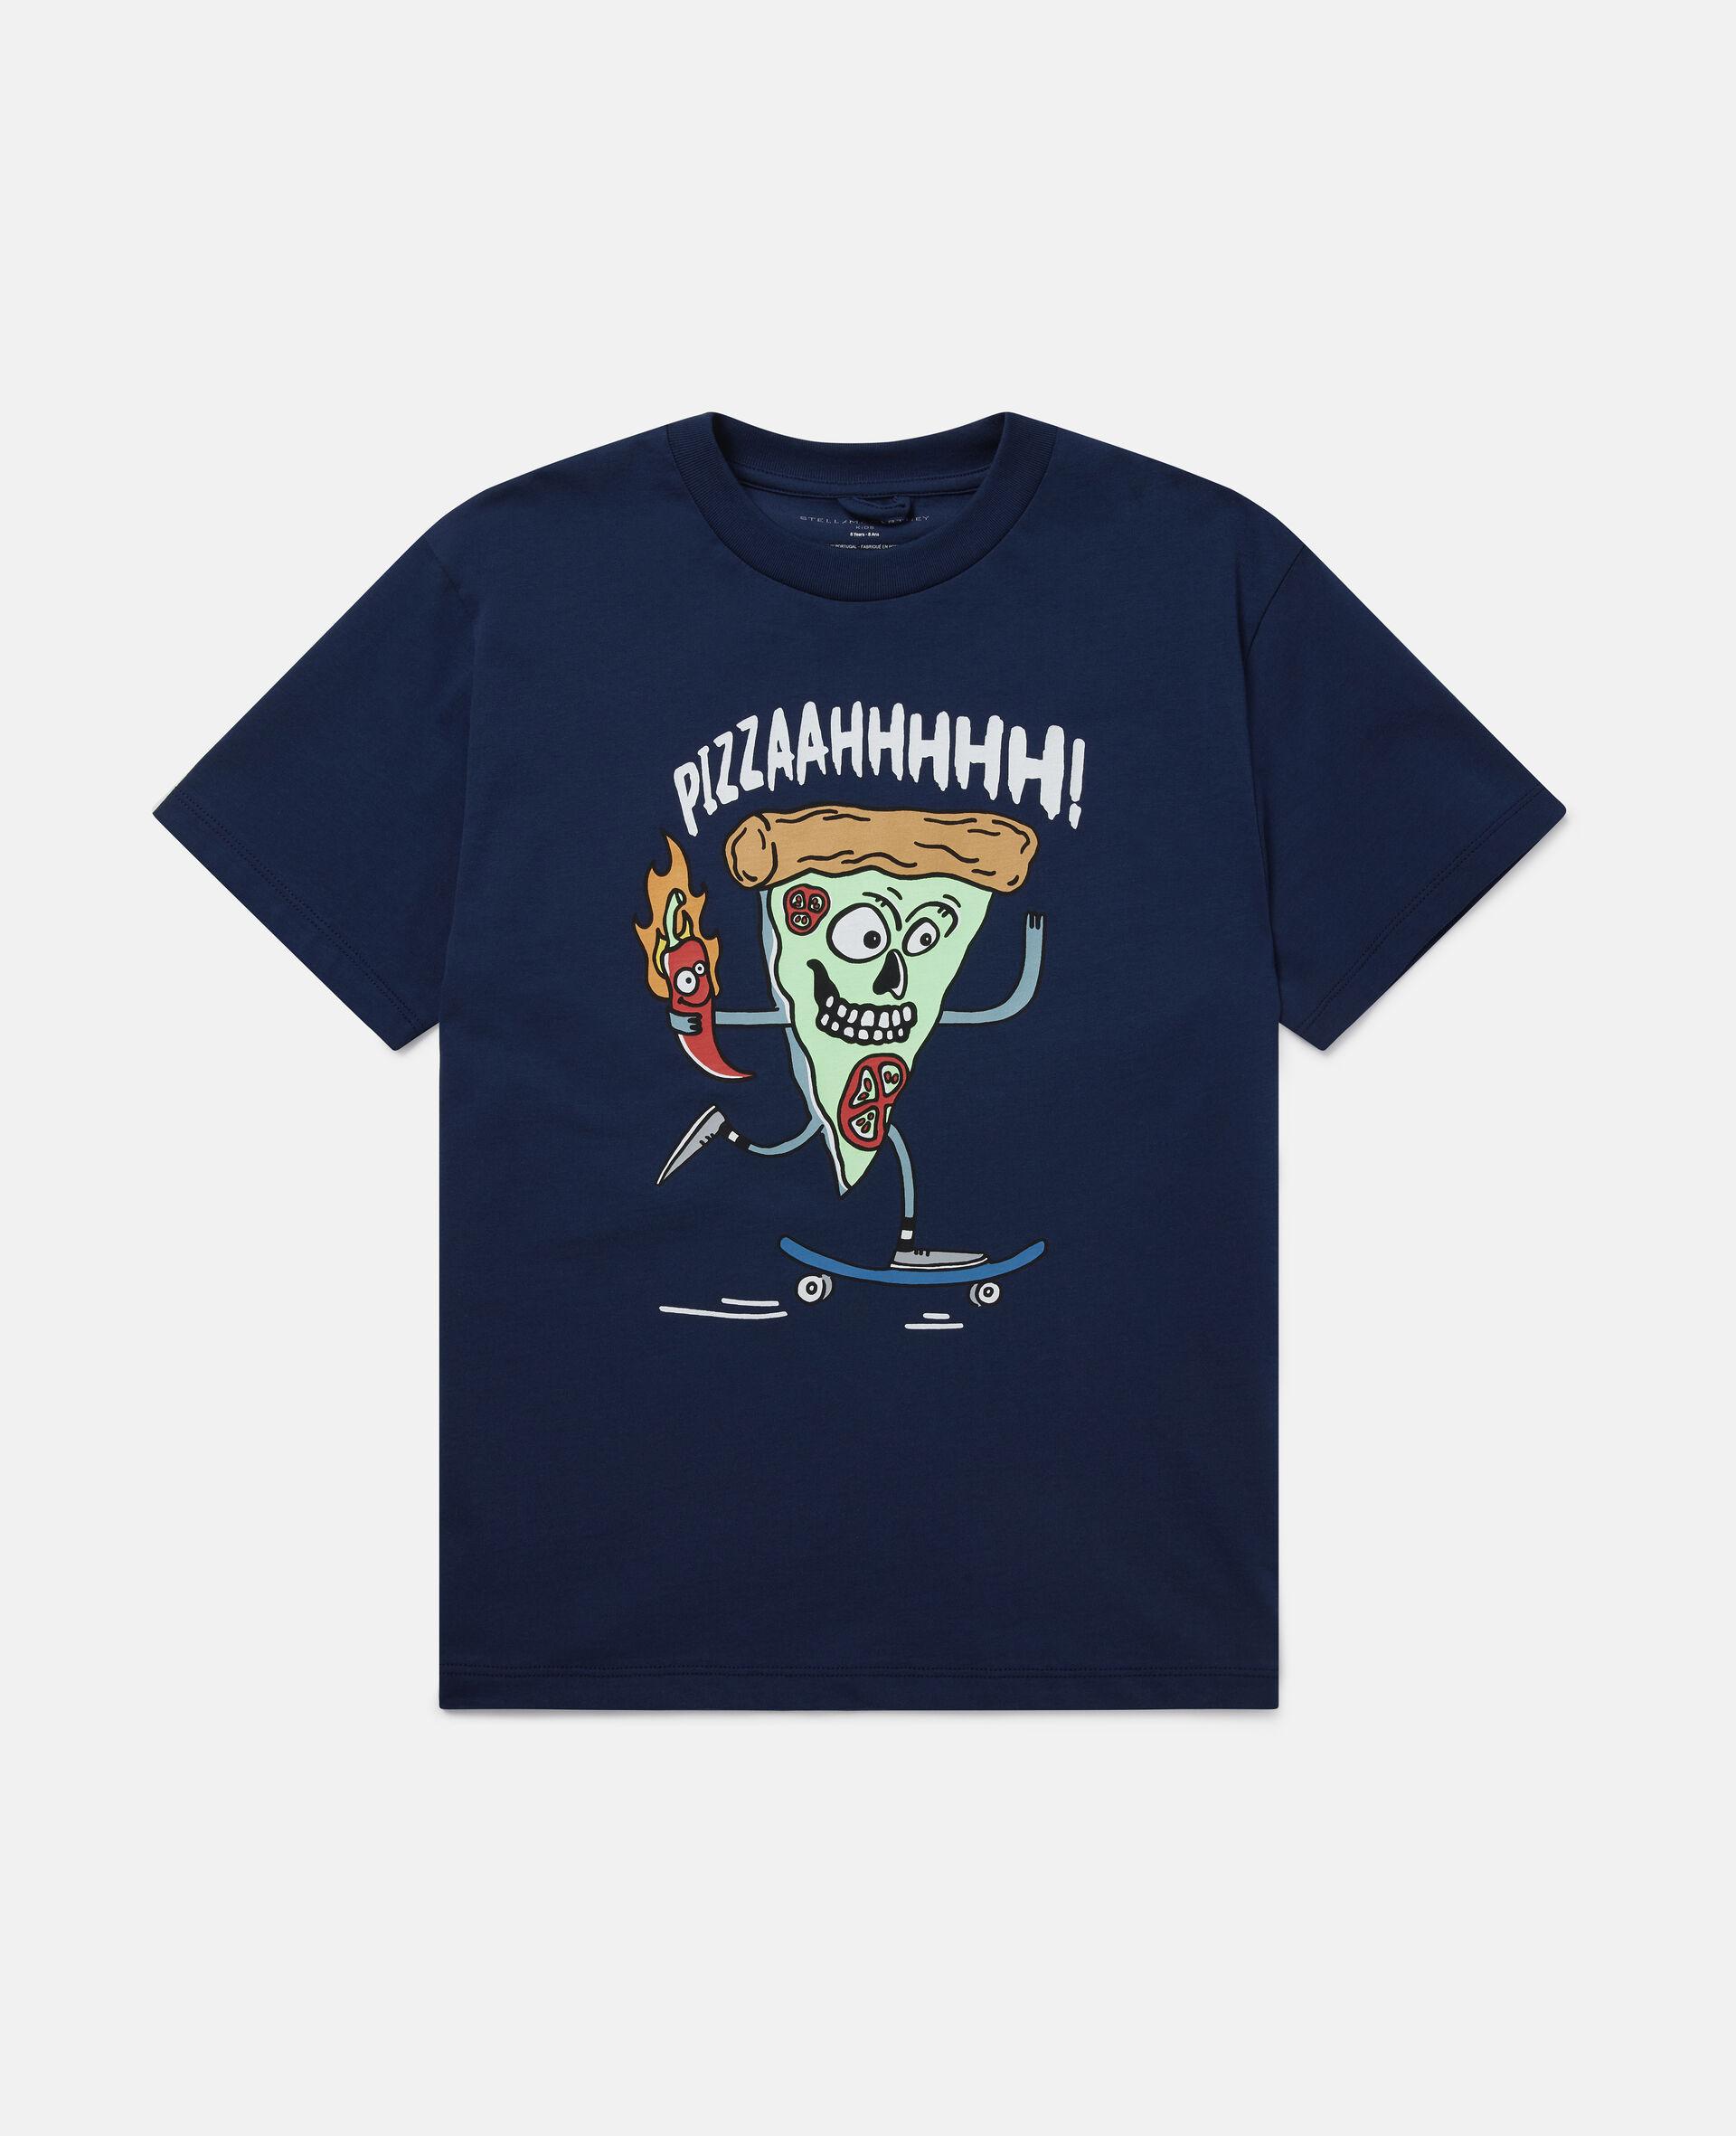 披萨滑板运动员印花超大号T恤-蓝色-large image number 0